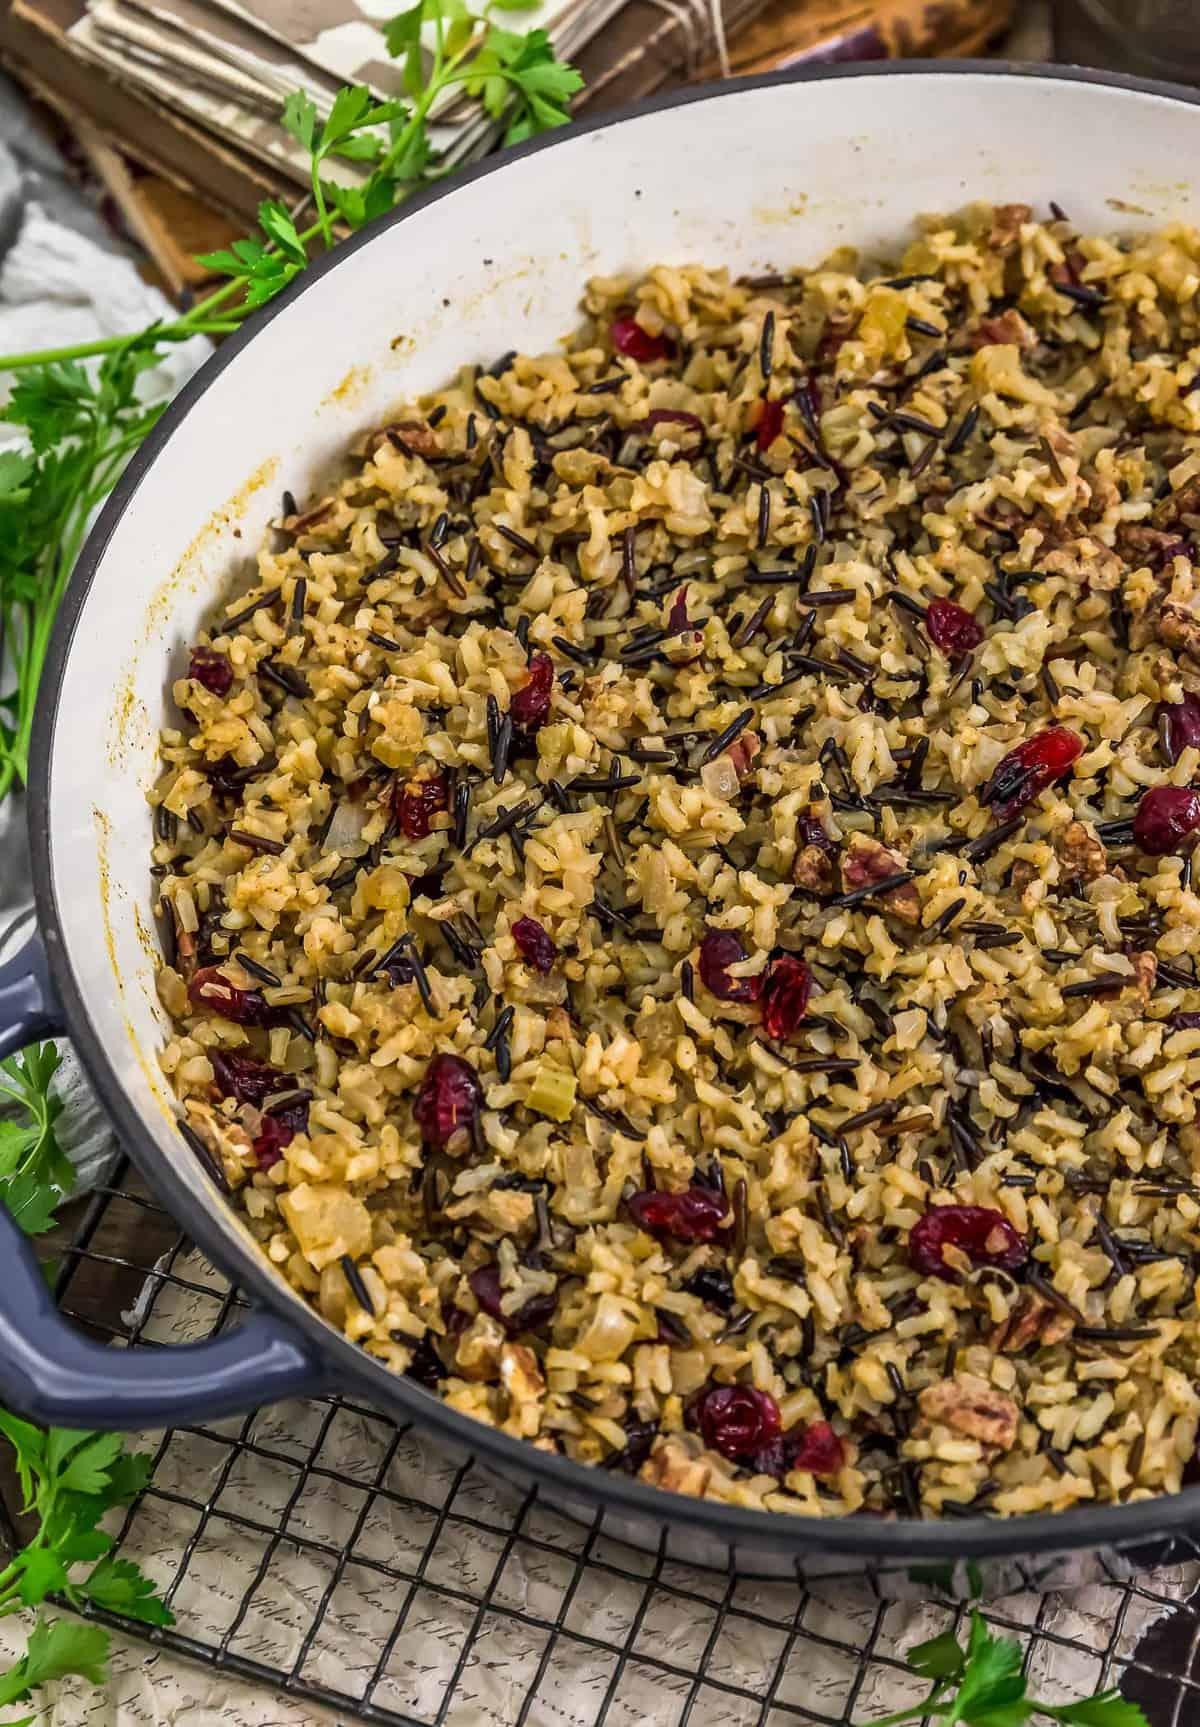 Skillet of Vegan Wild Rice Stuffing